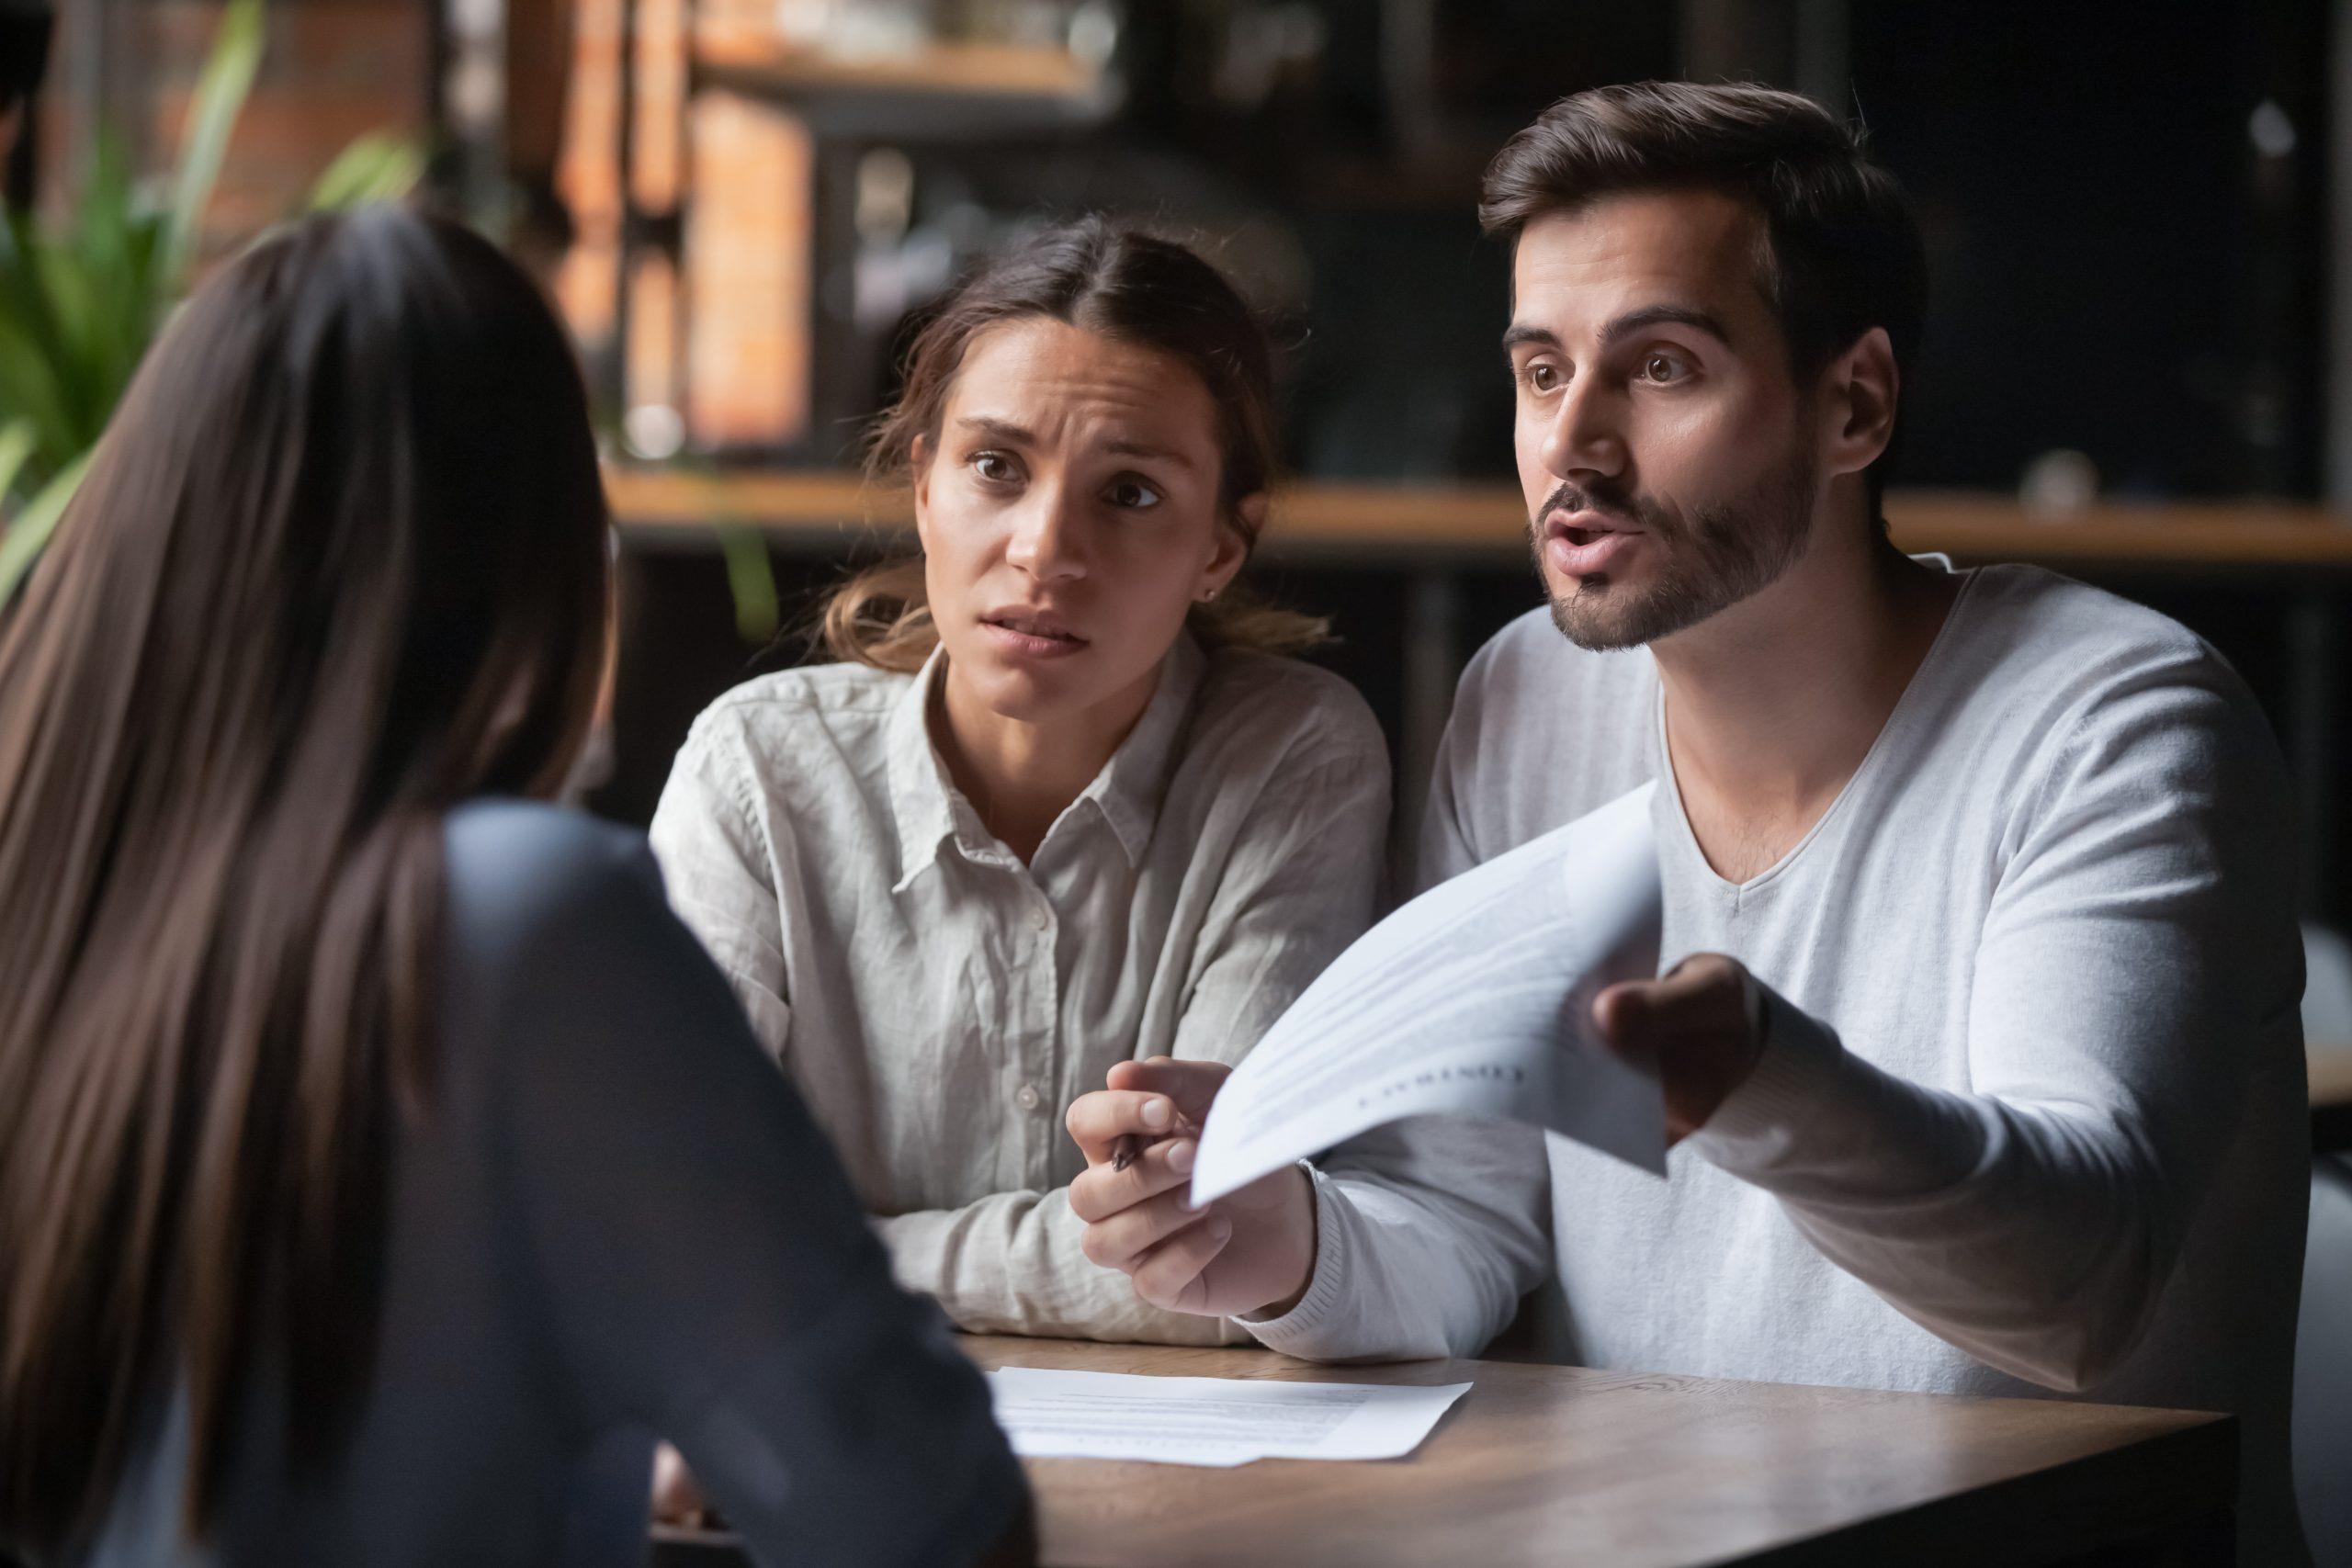 Auditoria Trabalhista: como evitar multas e reclamações trabalhistas